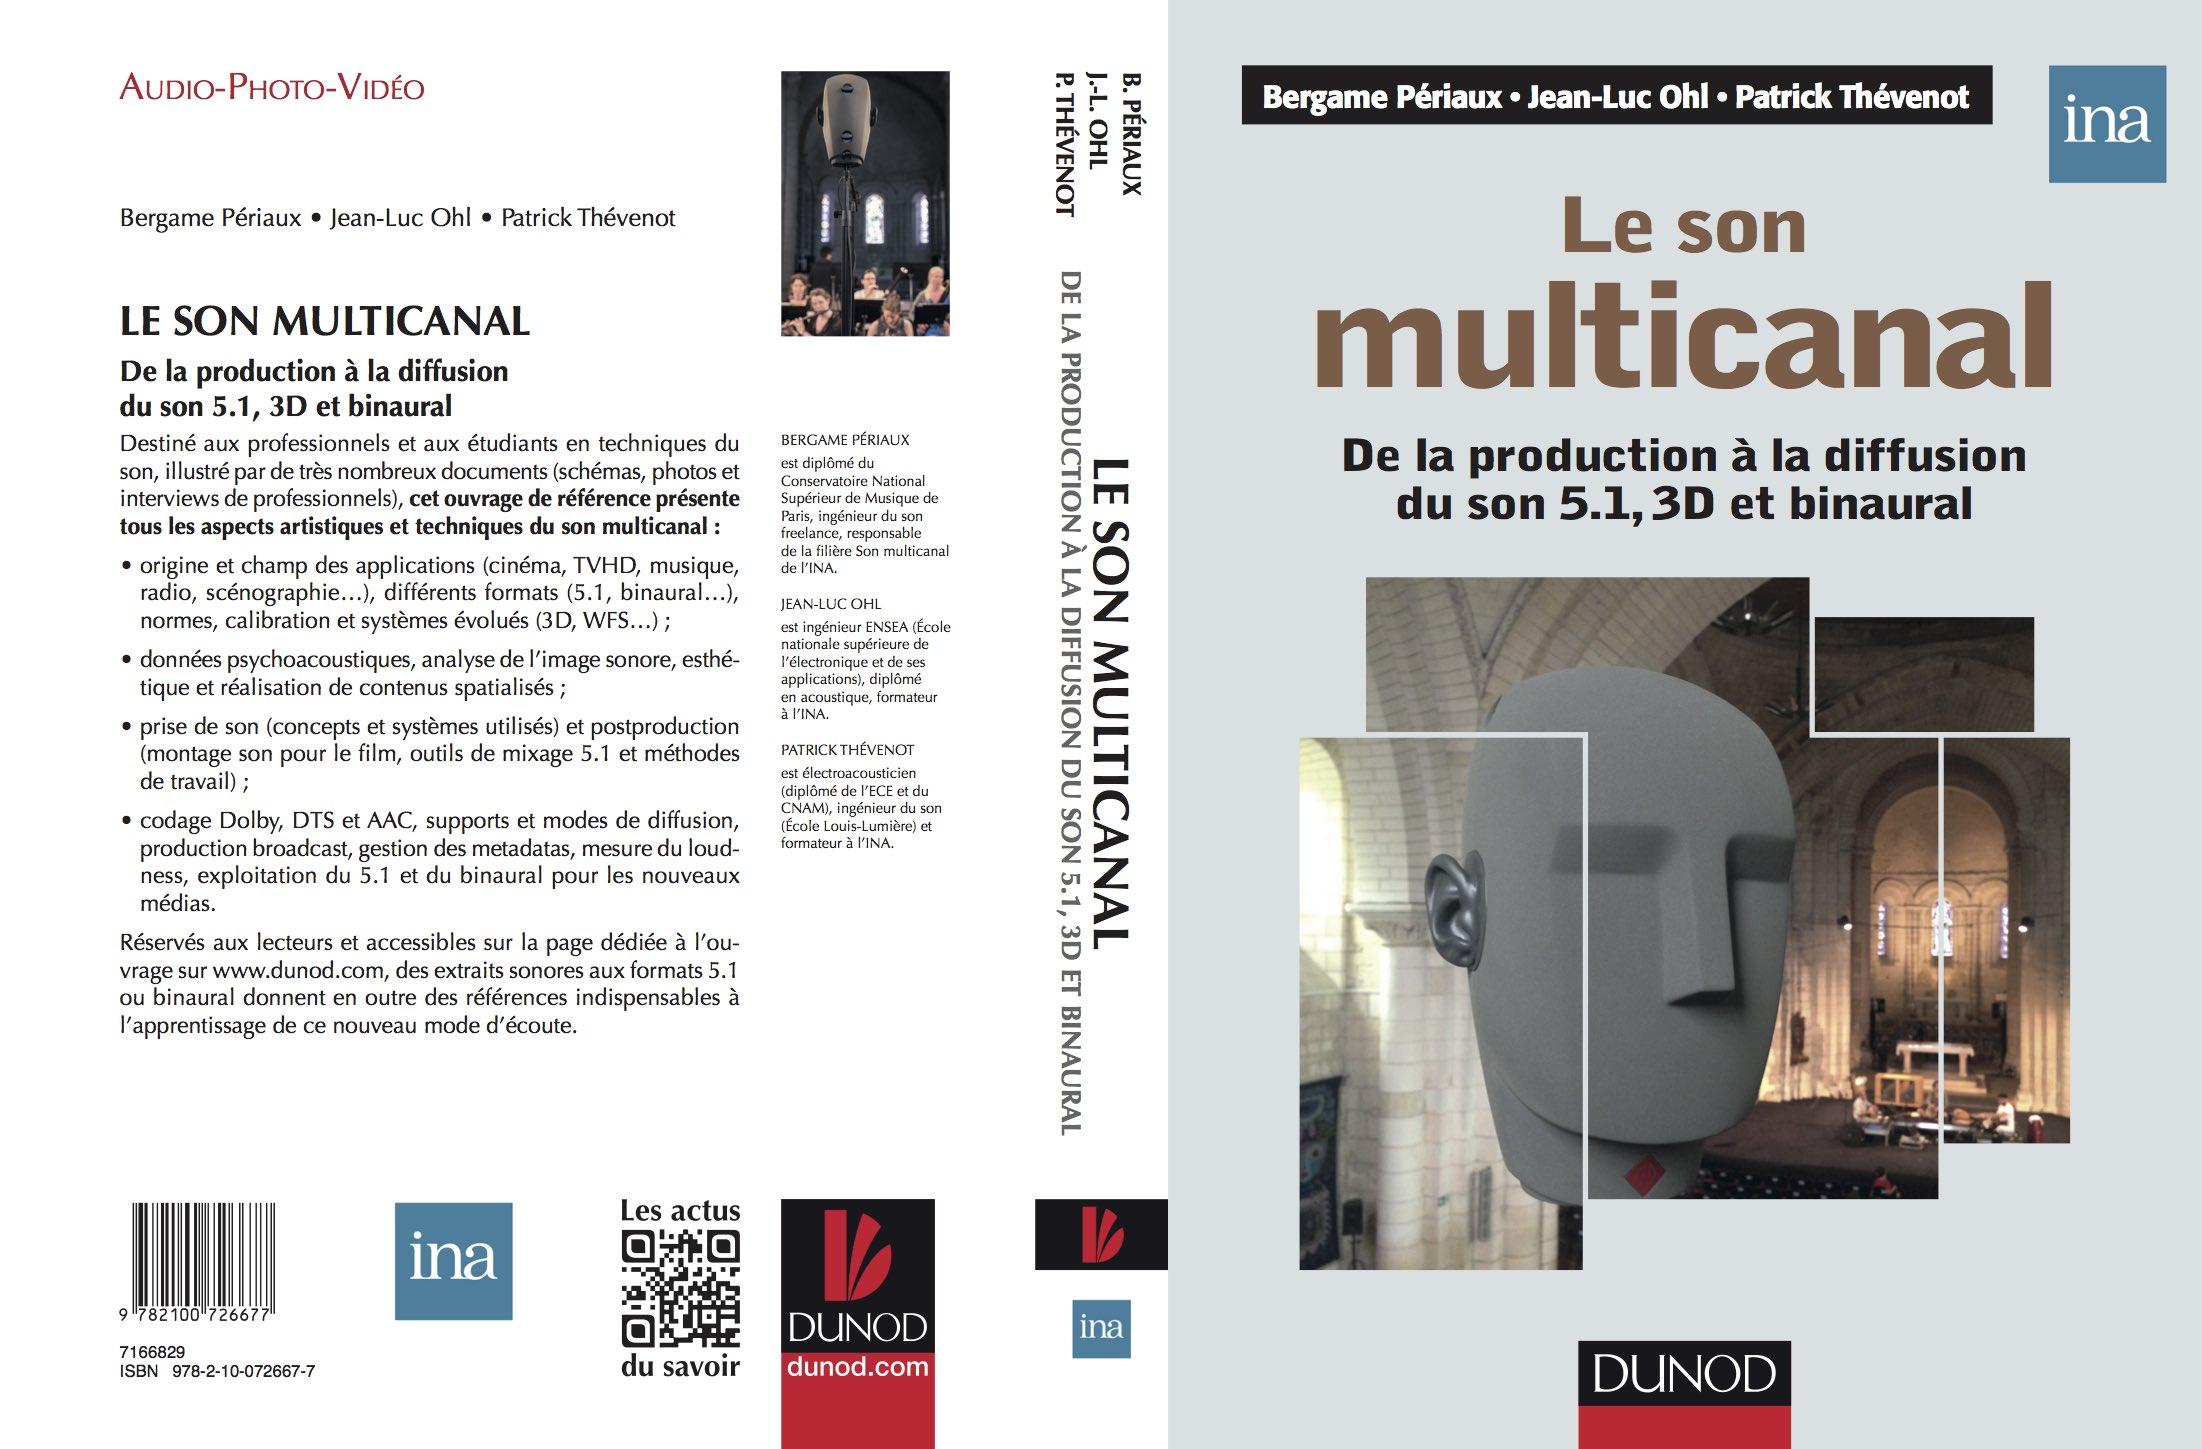 Parution de l'ouvrage sur le son multicanal chez Dunod